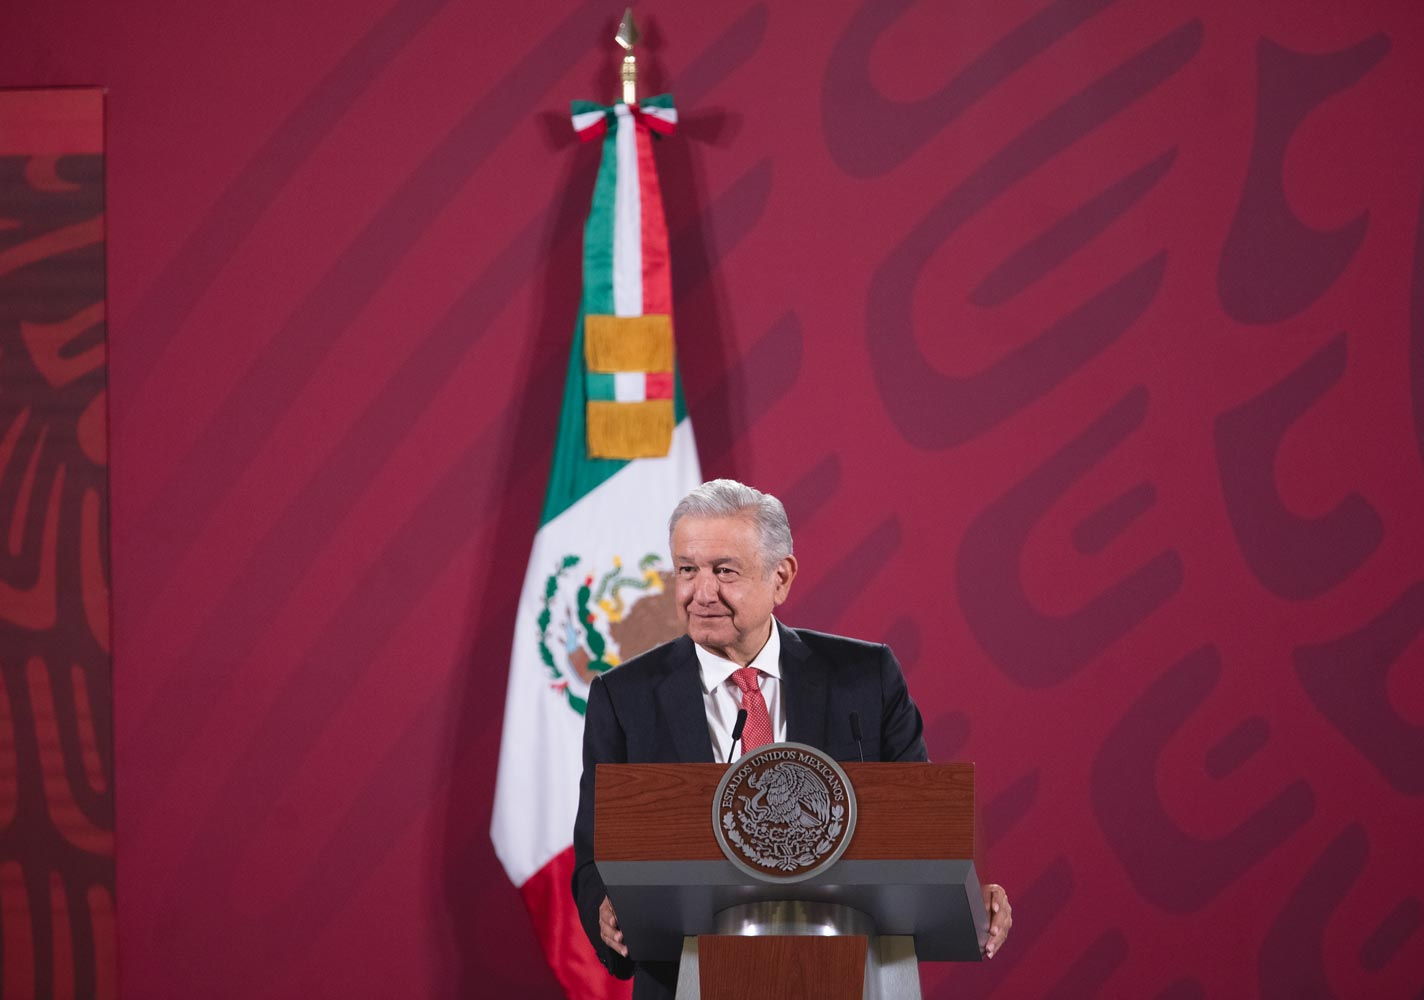 Fin de semana el presidente supervisará avances de reconstrucción en Oaxaca tras sismos de 2017